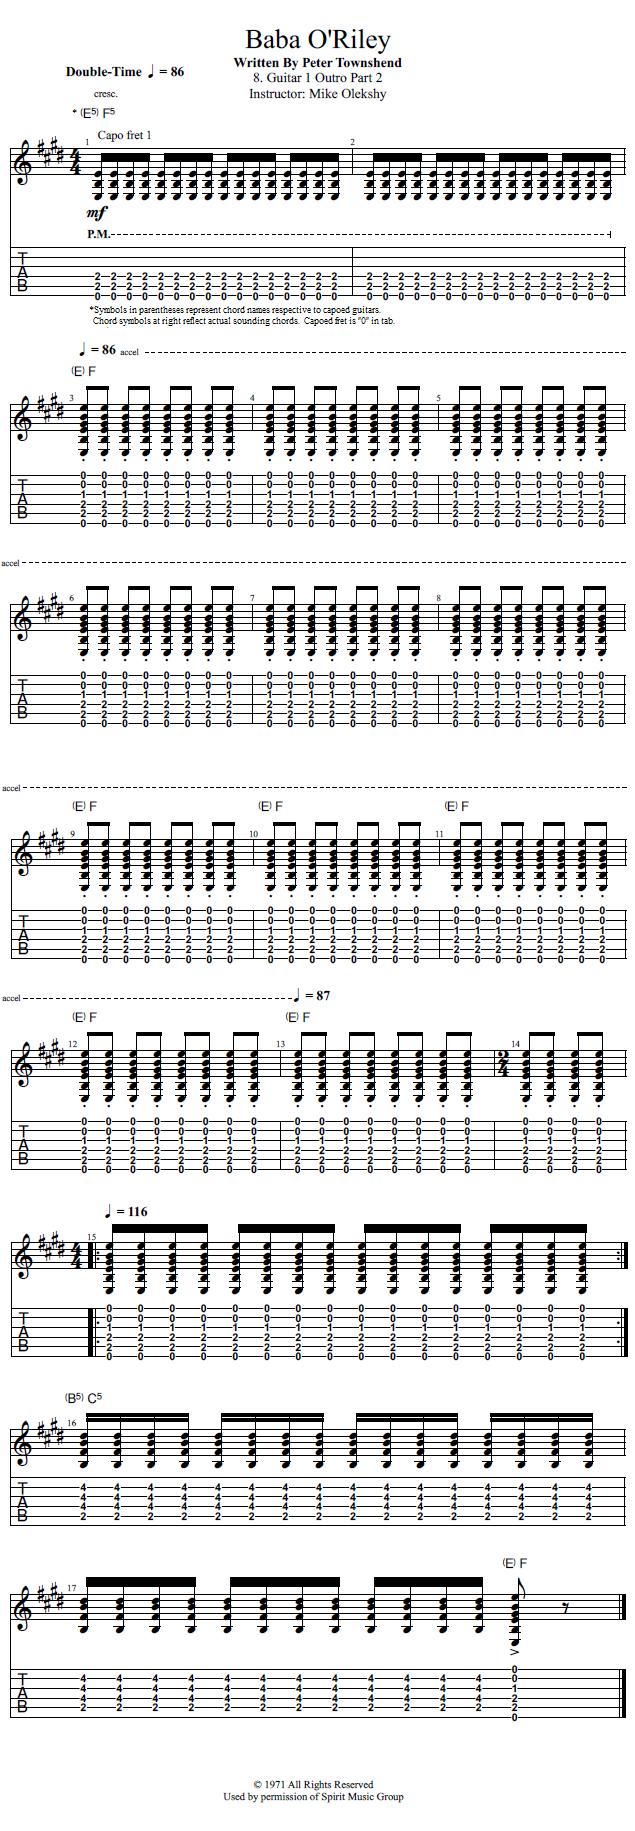 Guitar Lessons Guitar 1 Outro Part 2